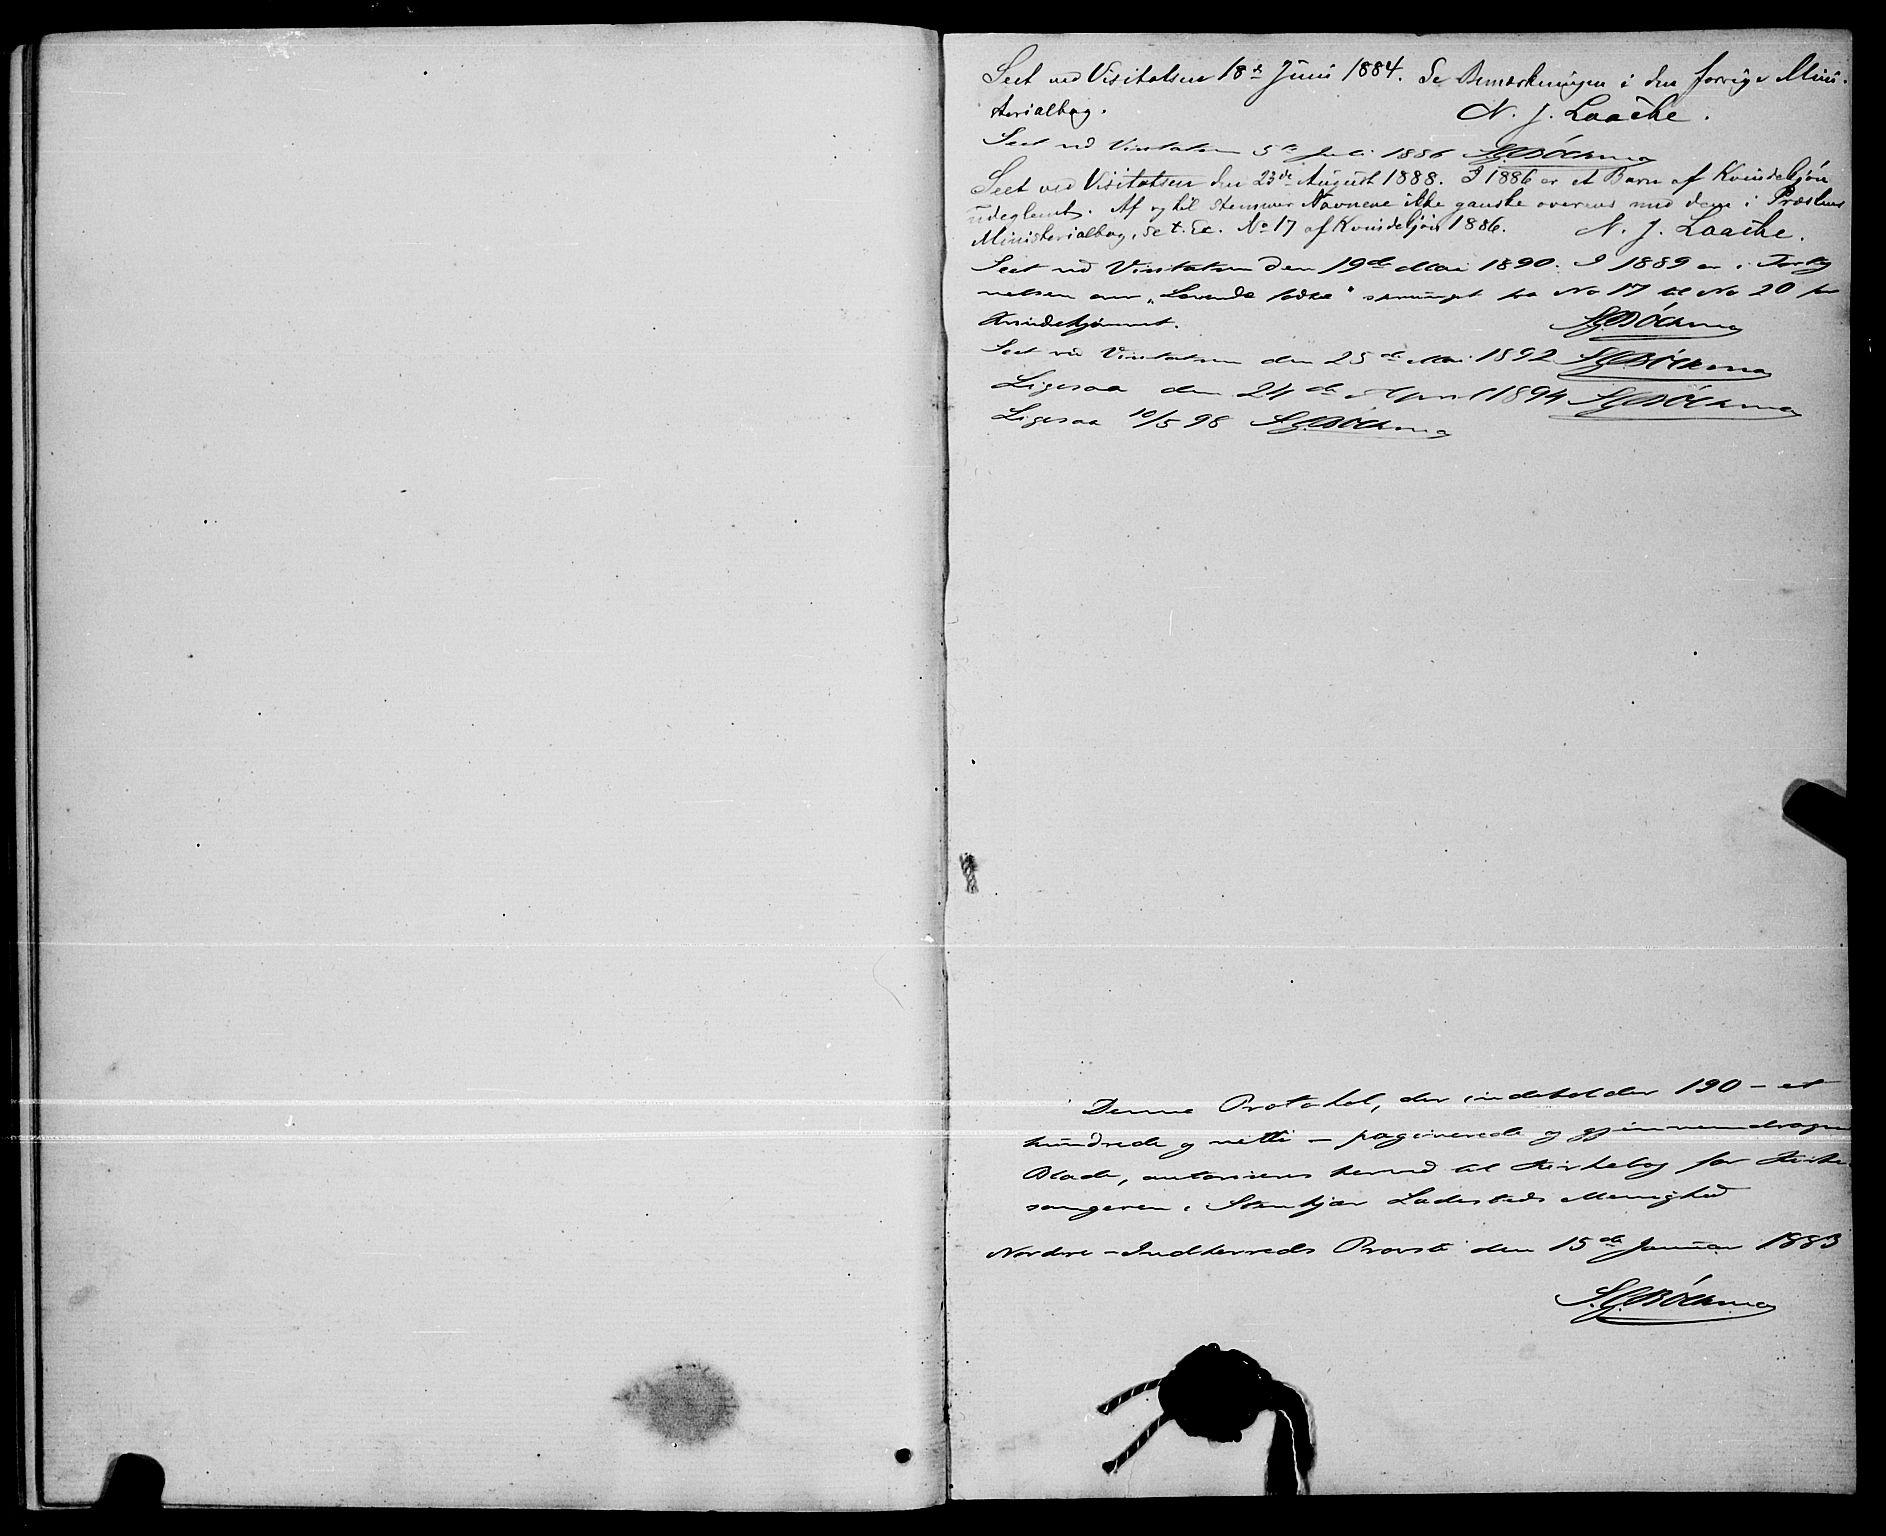 SAT, Ministerialprotokoller, klokkerbøker og fødselsregistre - Nord-Trøndelag, 739/L0374: Klokkerbok nr. 739C02, 1883-1898